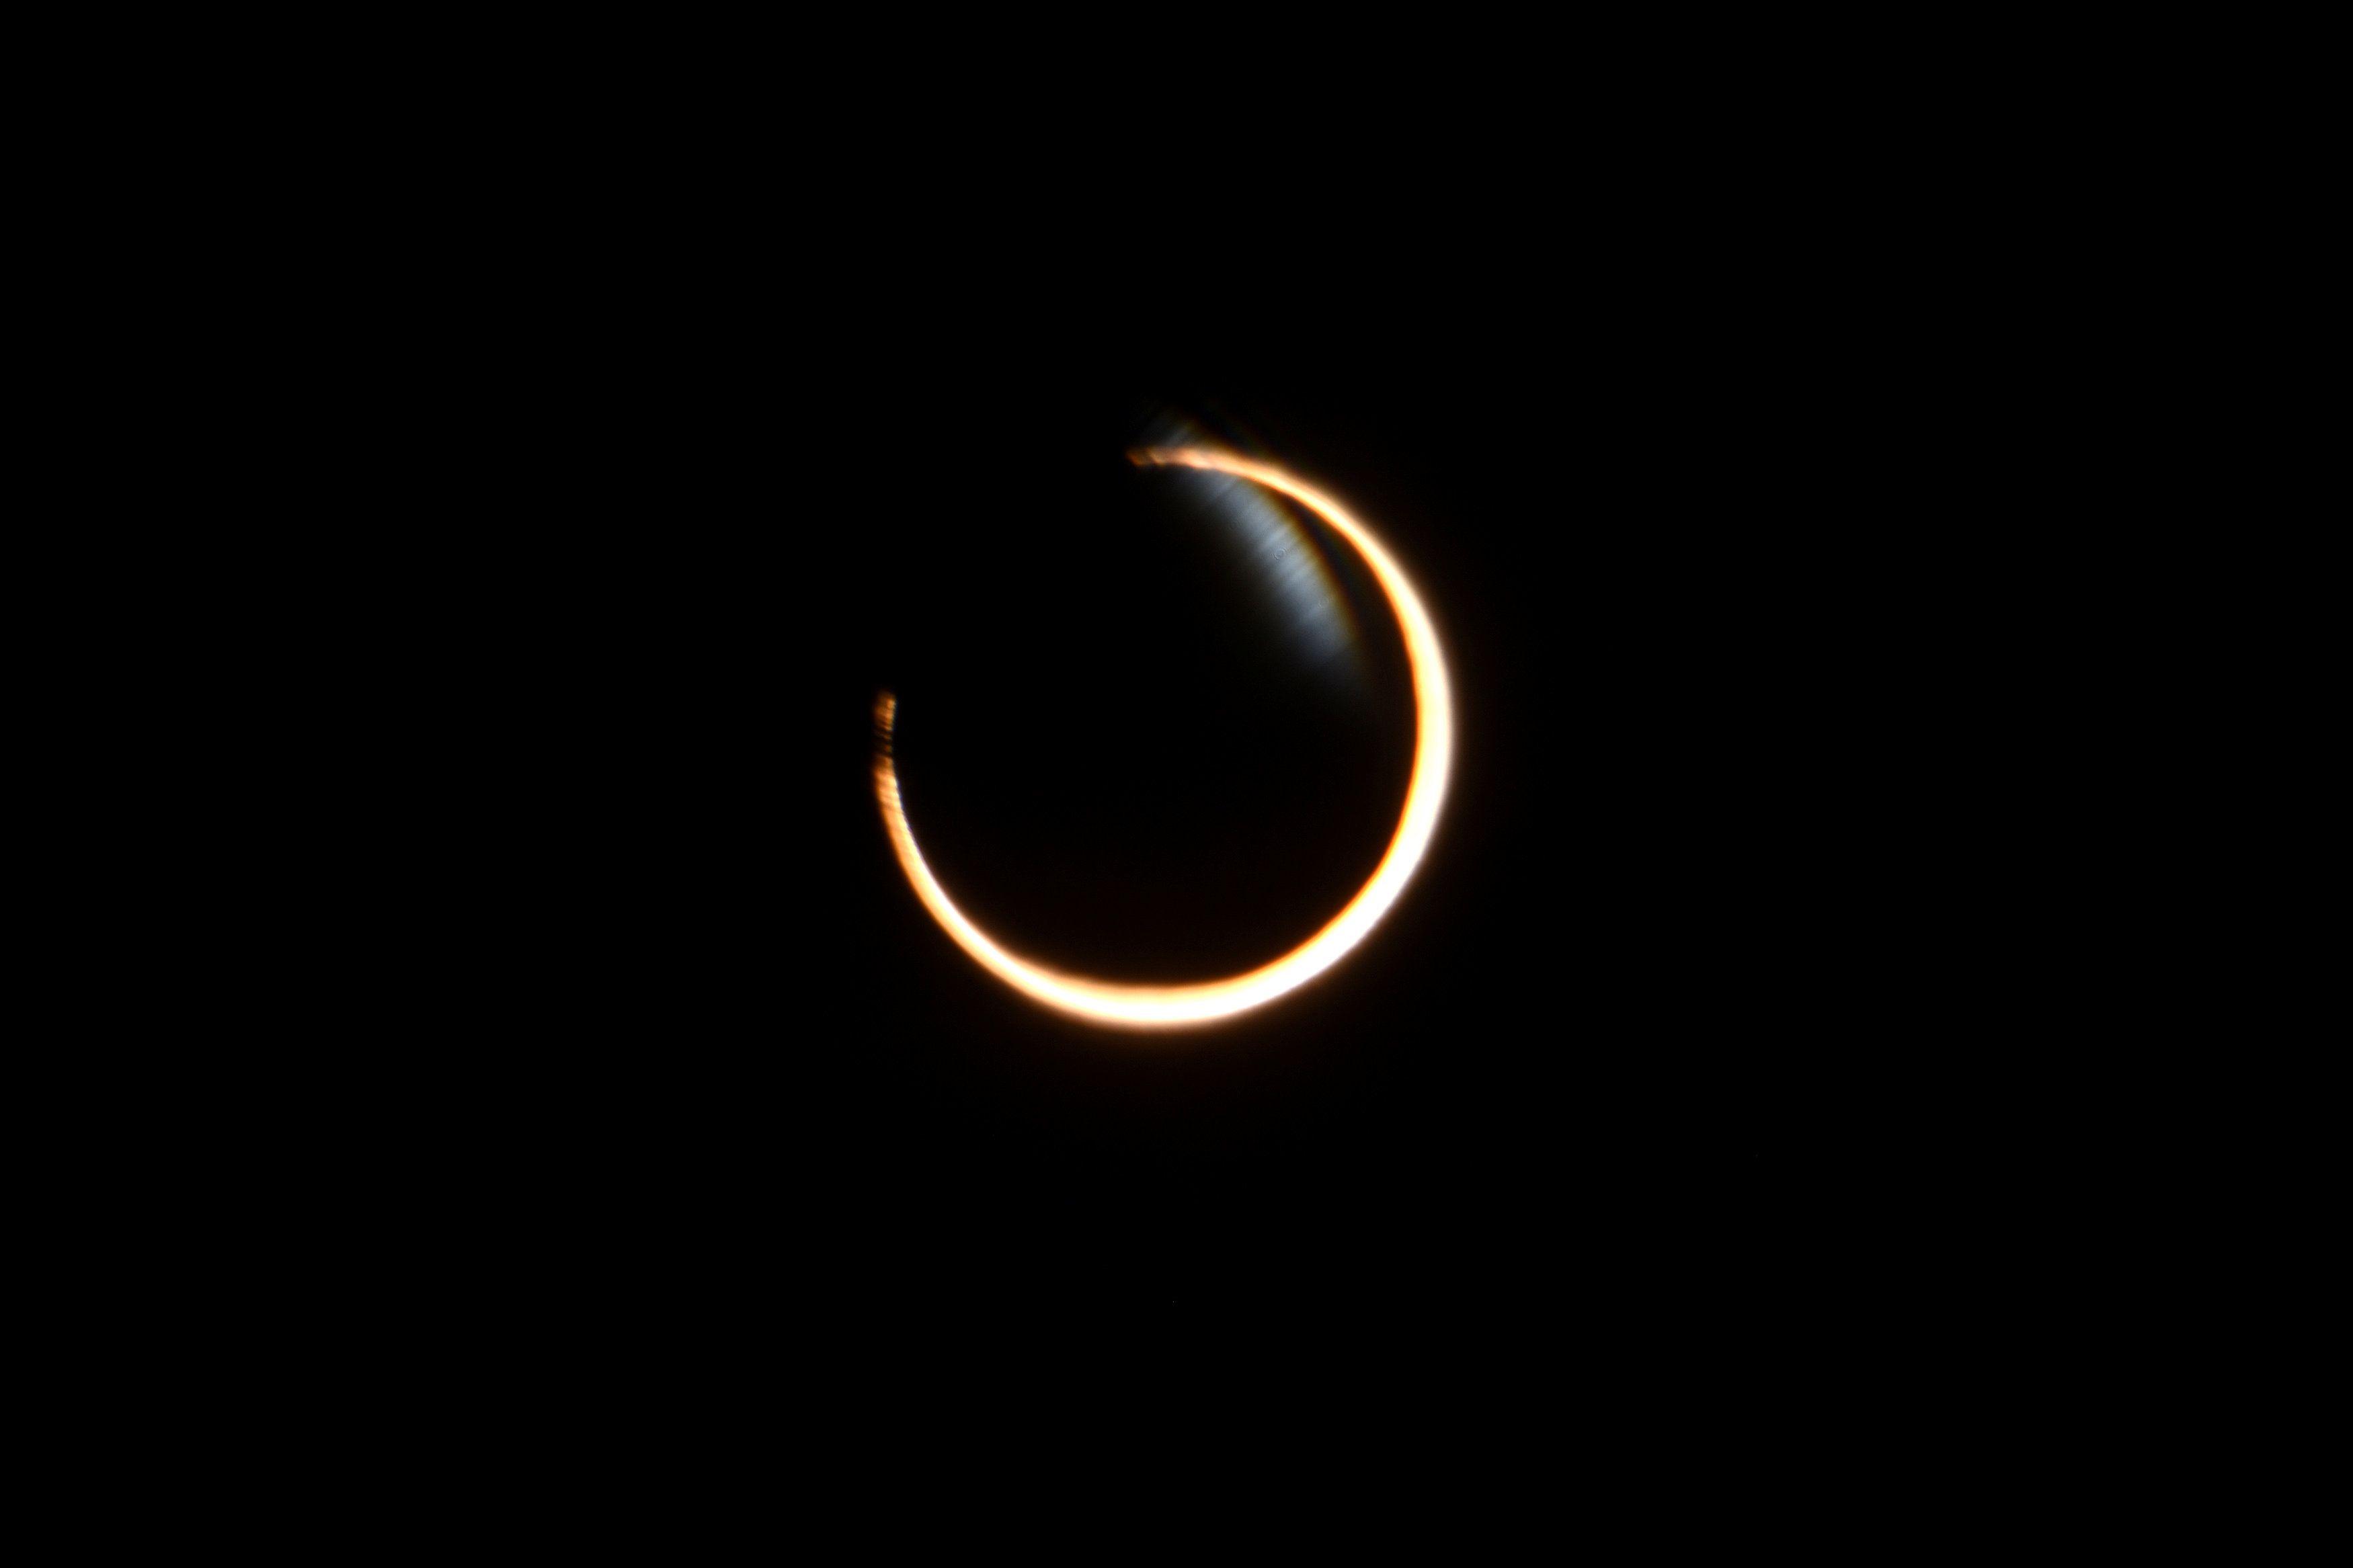 13 июля произойдет солнечное затмение